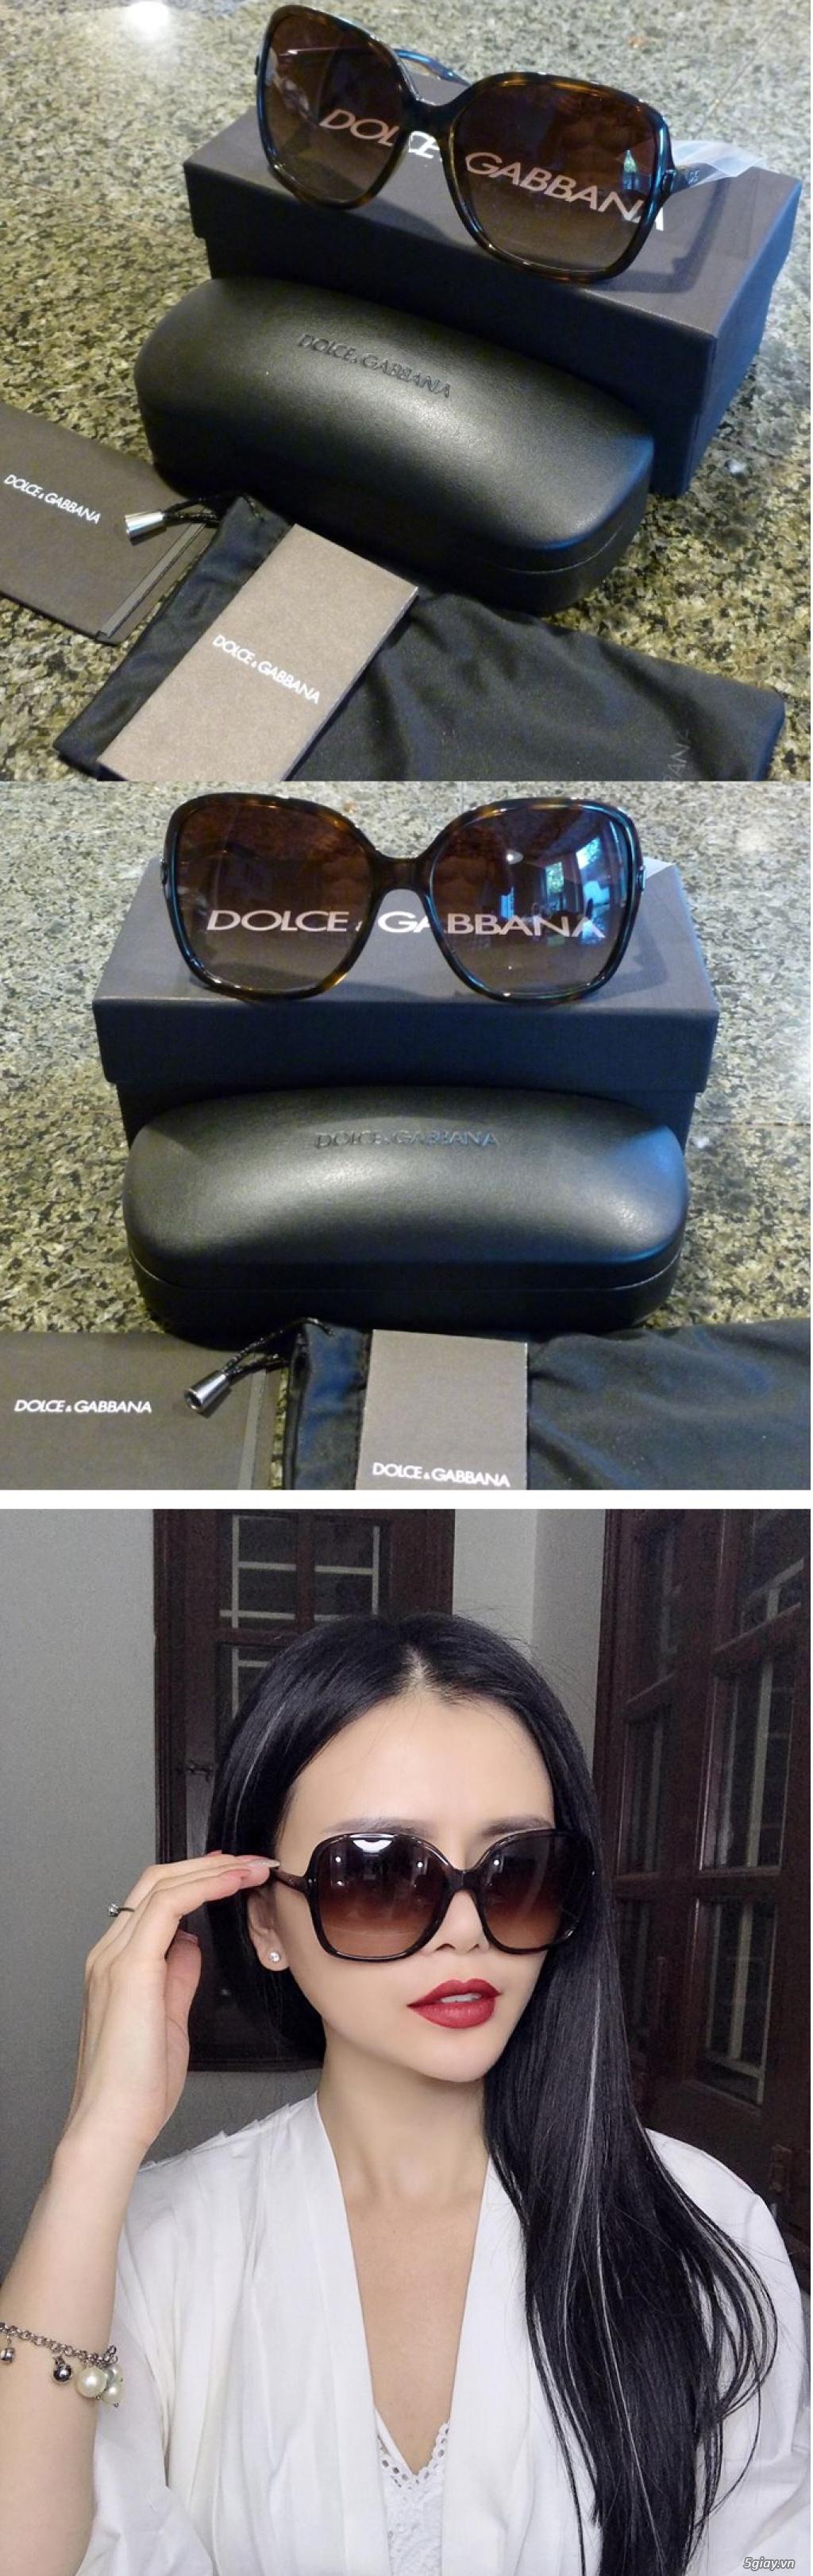 Những Mắt Kính Đẹp & Sang Trọng chính mình xách tay/gửi từ Mỹ về.  Armani, D&G, Prada, Ray-Ban, Polo - 1